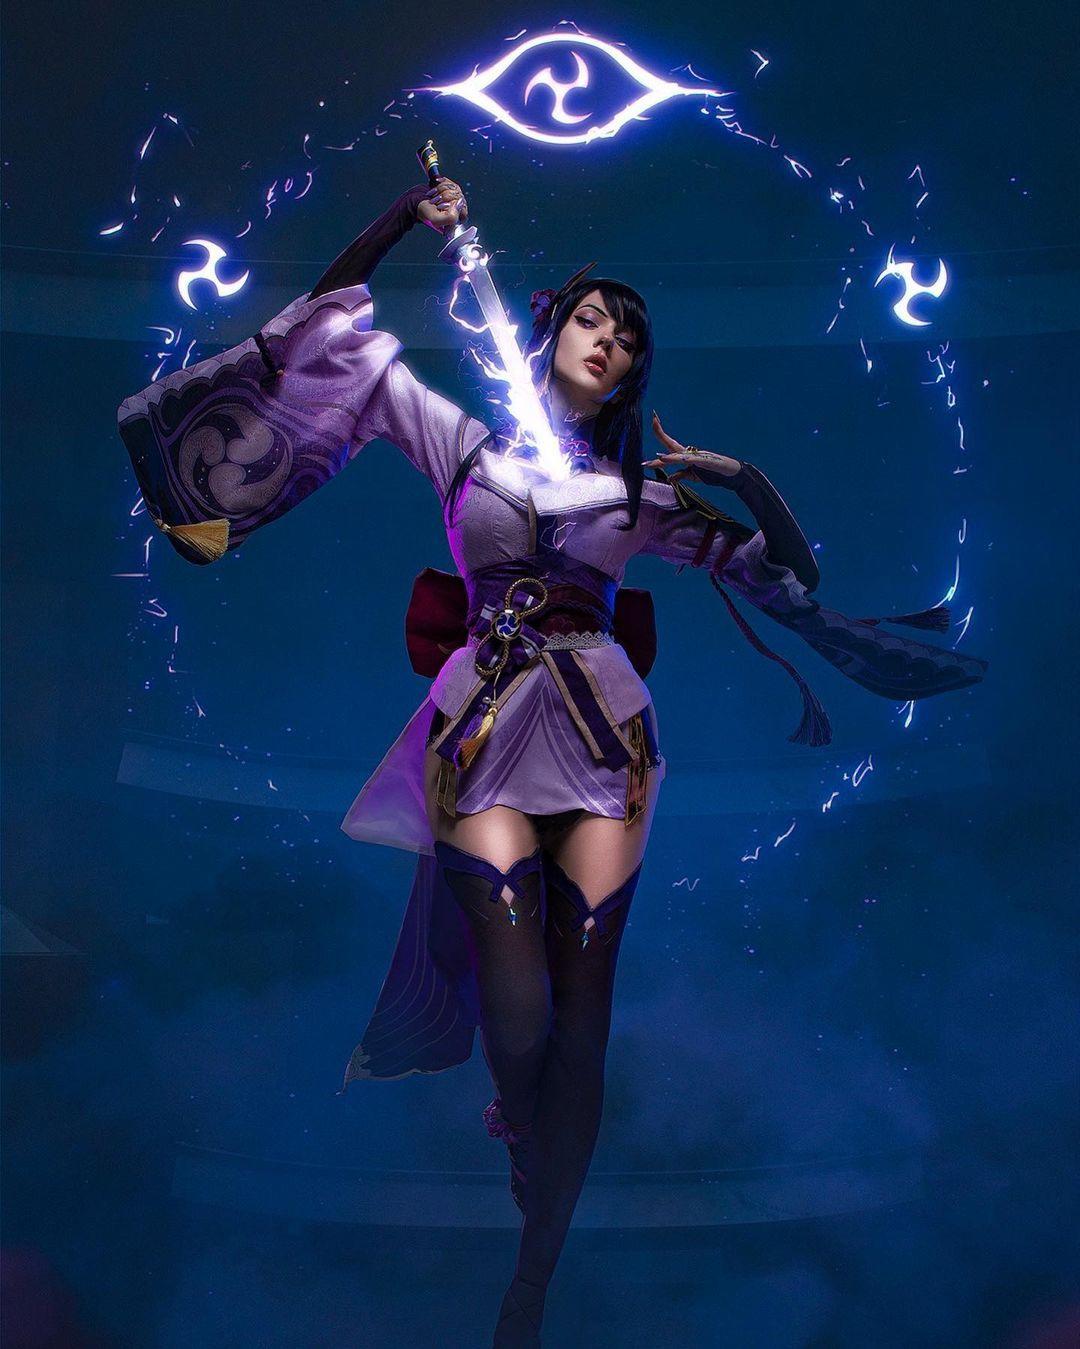 Правильный косплей на Genshin Impact — Мона, Нин Гуан и Сёгун Райдэн